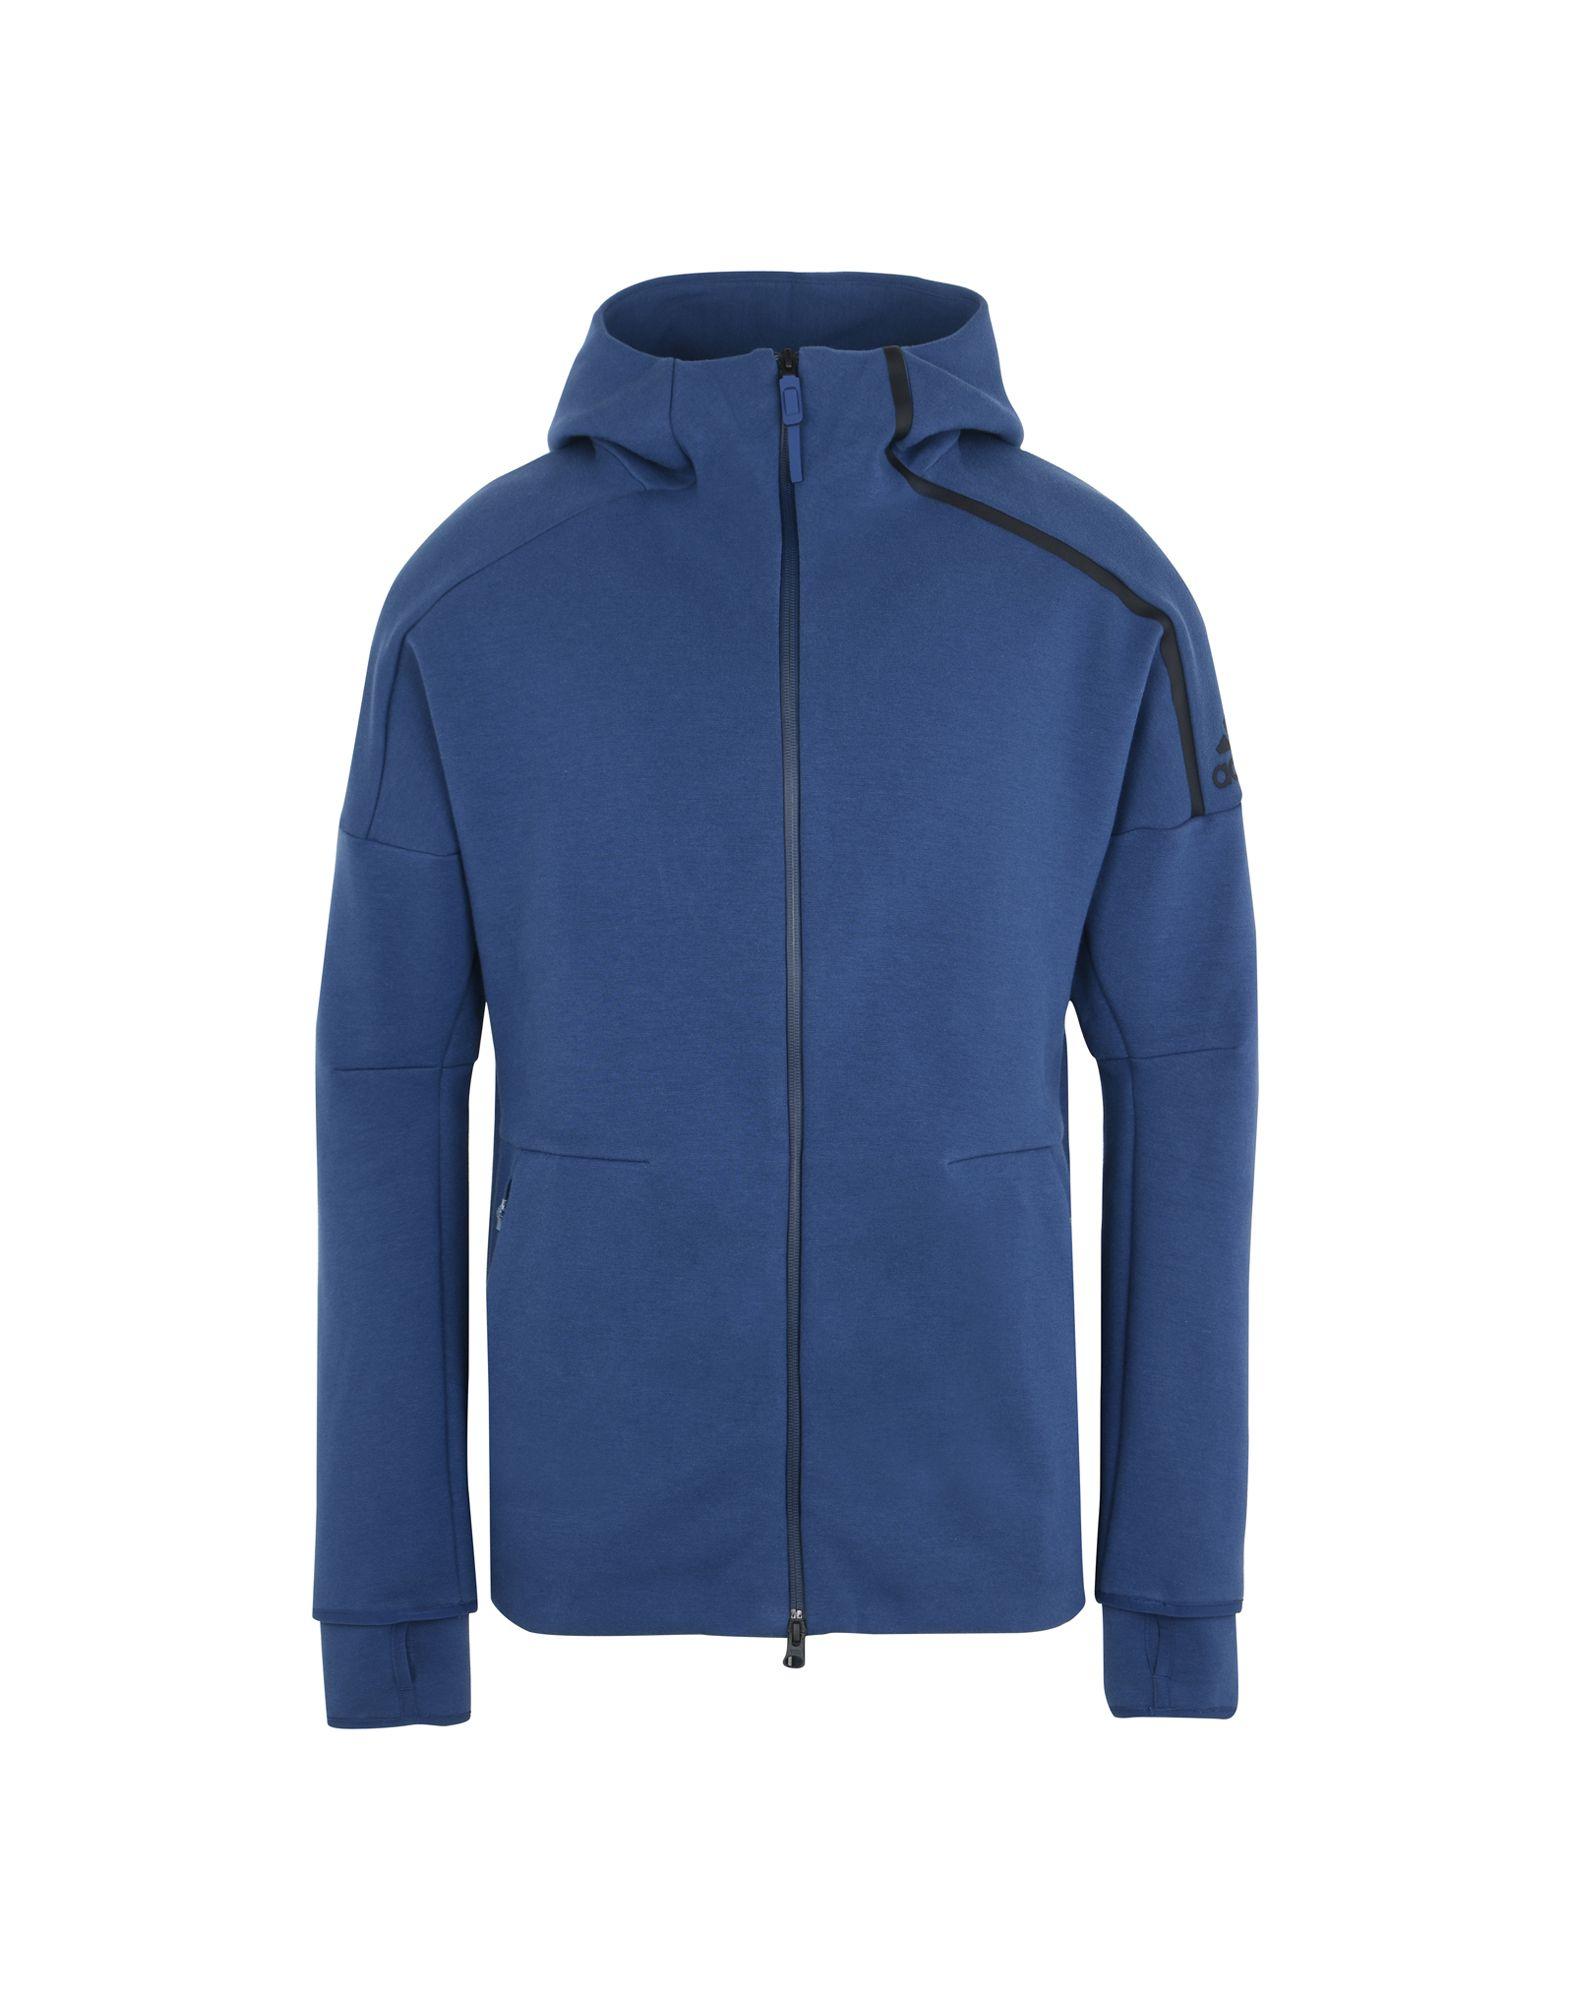 Felpa Adidas Zne Hoody 2 - Uomo - Acquista online su